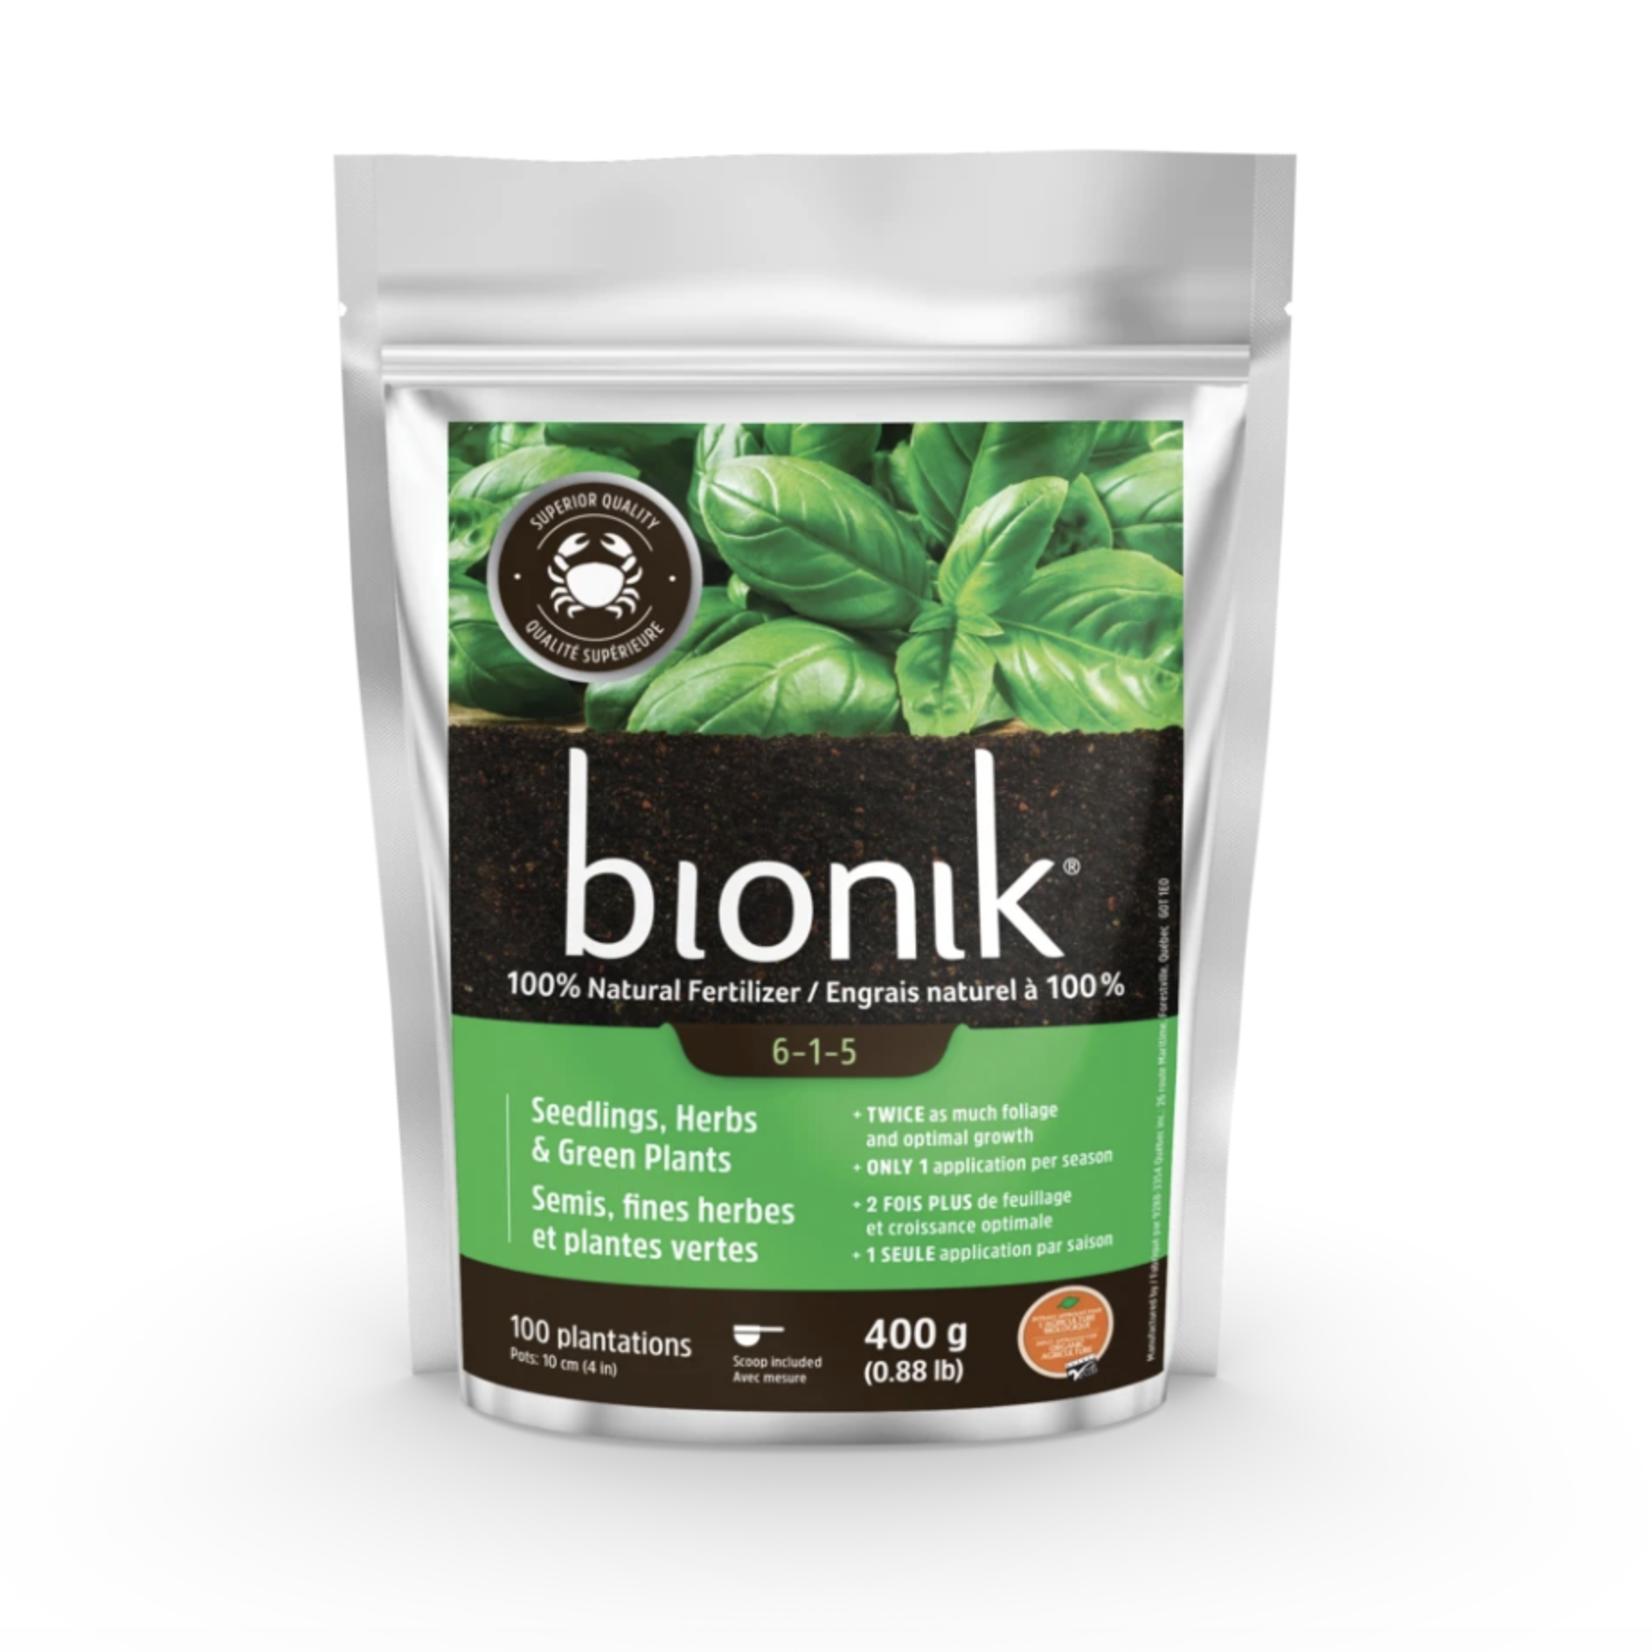 Bionik Semis, Fines Herbes et Plantes Vertes 1 kg